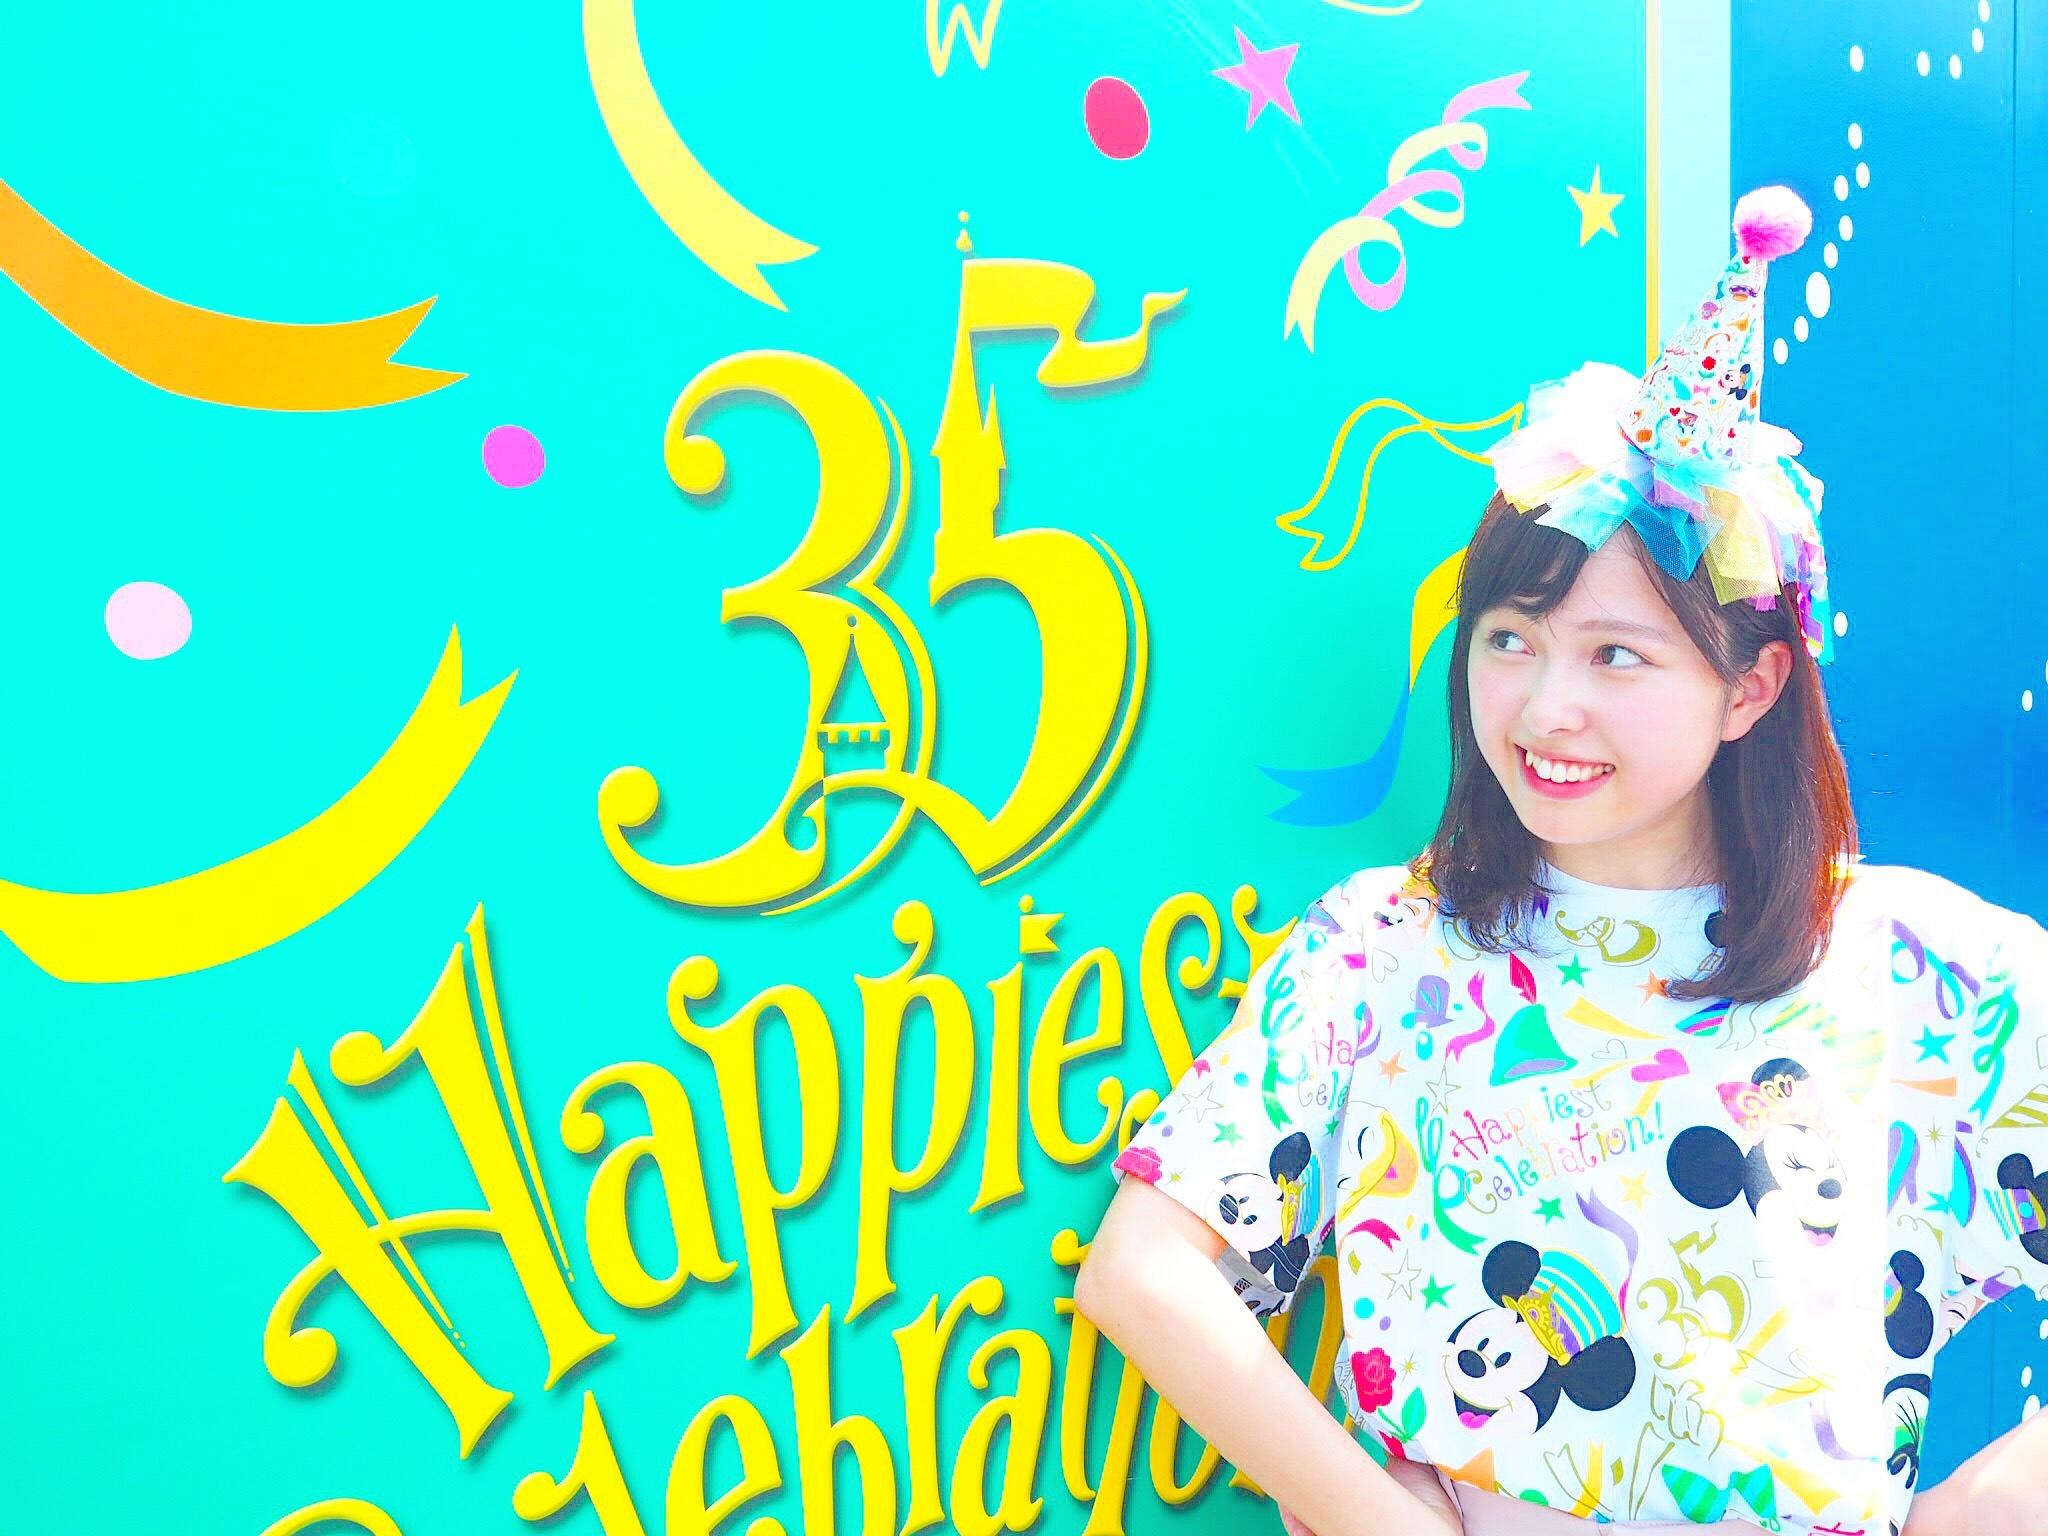 まいにちが祝祭!35周年ディズニー穴場フォトスポット♡_1_1